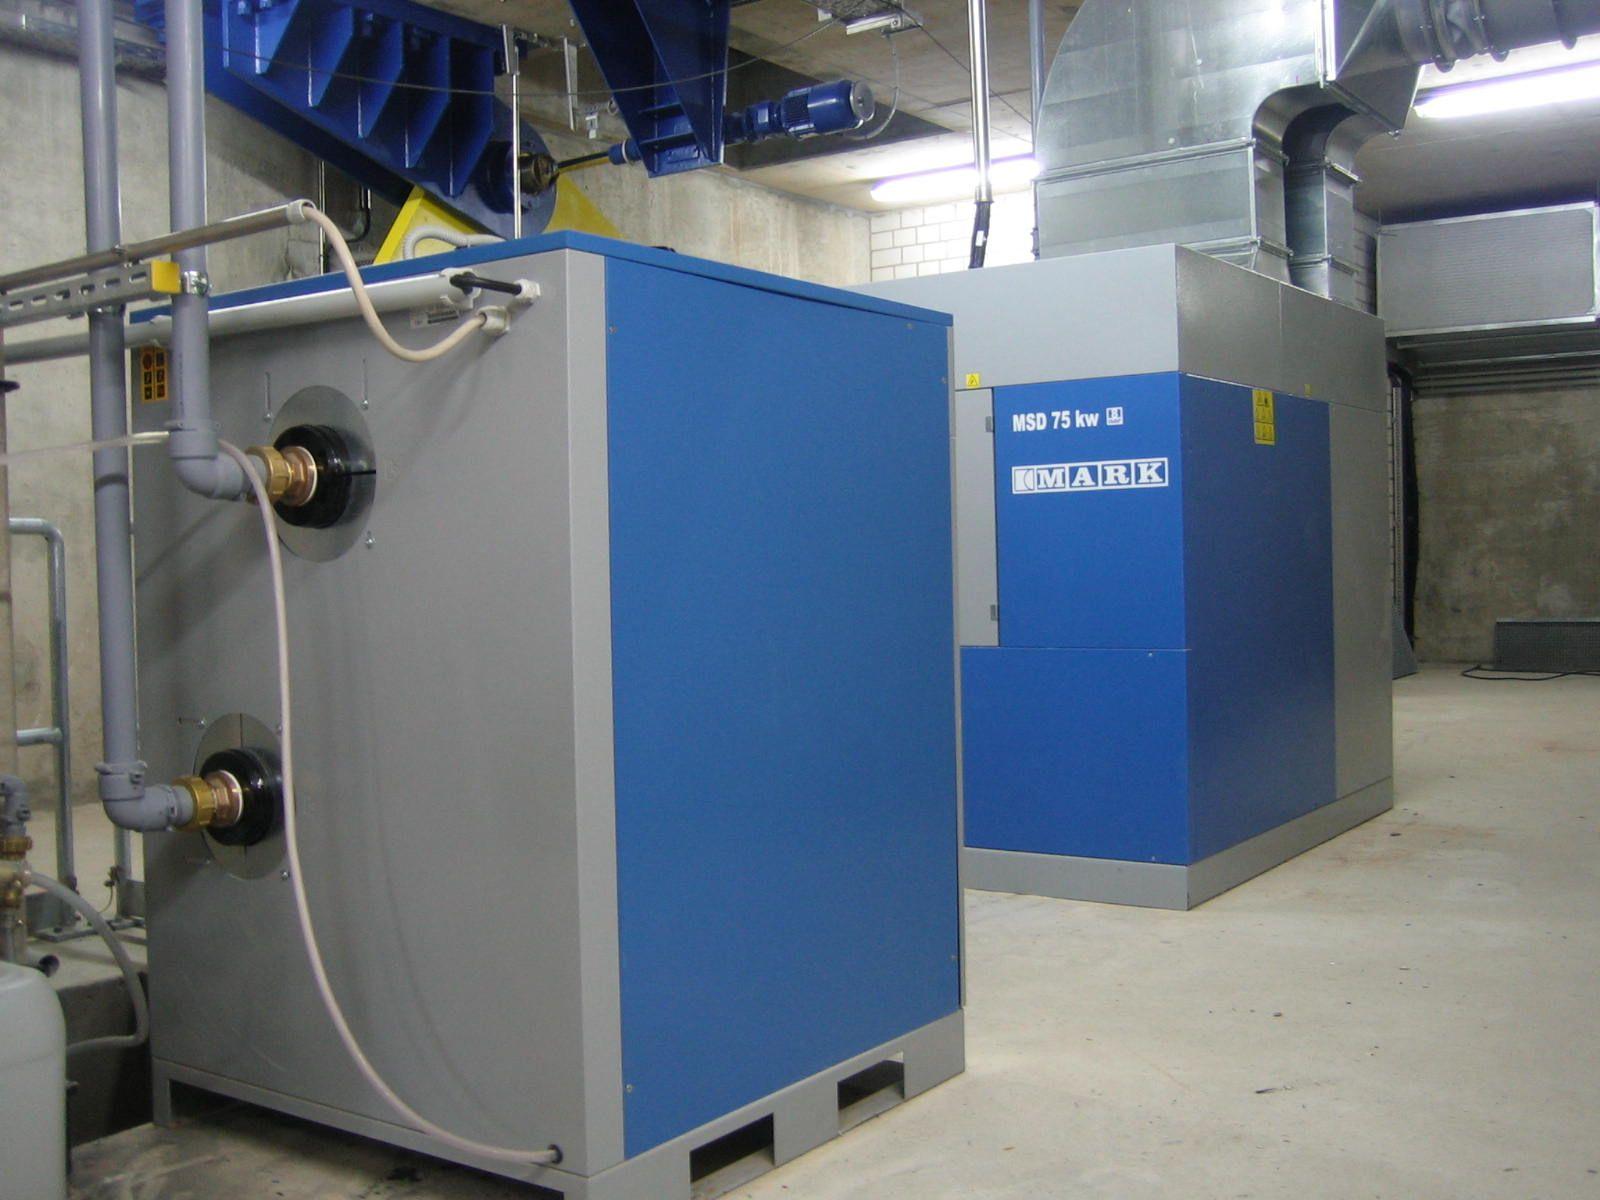 Kompressoren und Druckluftaufbereitungssysteme